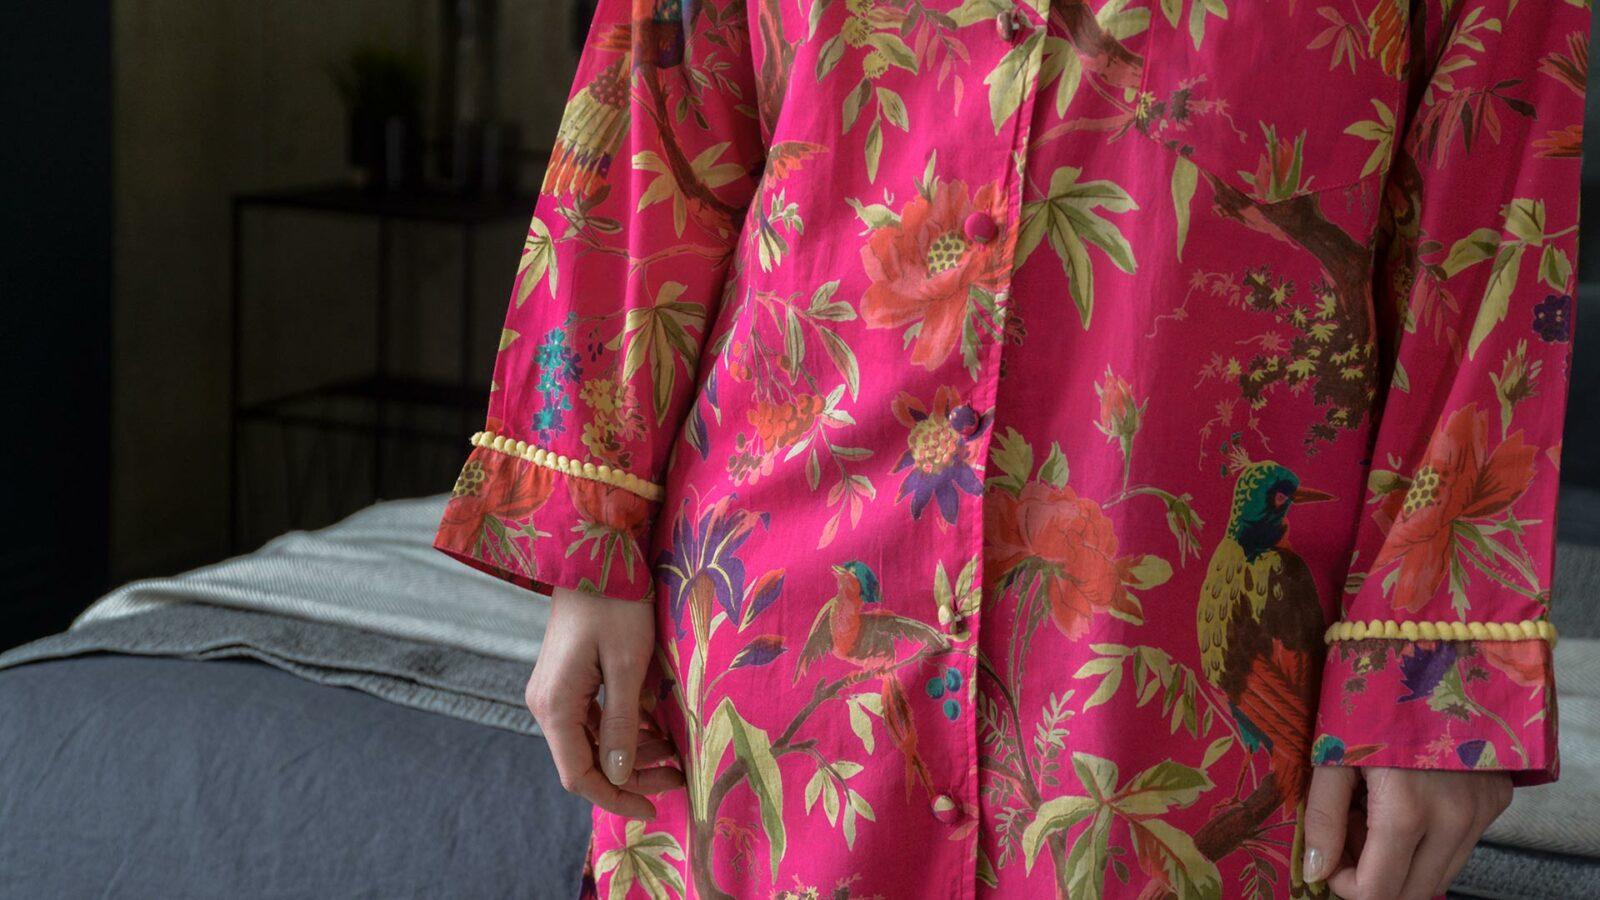 deep pink birds and flowers print cotton night shirt a closer view